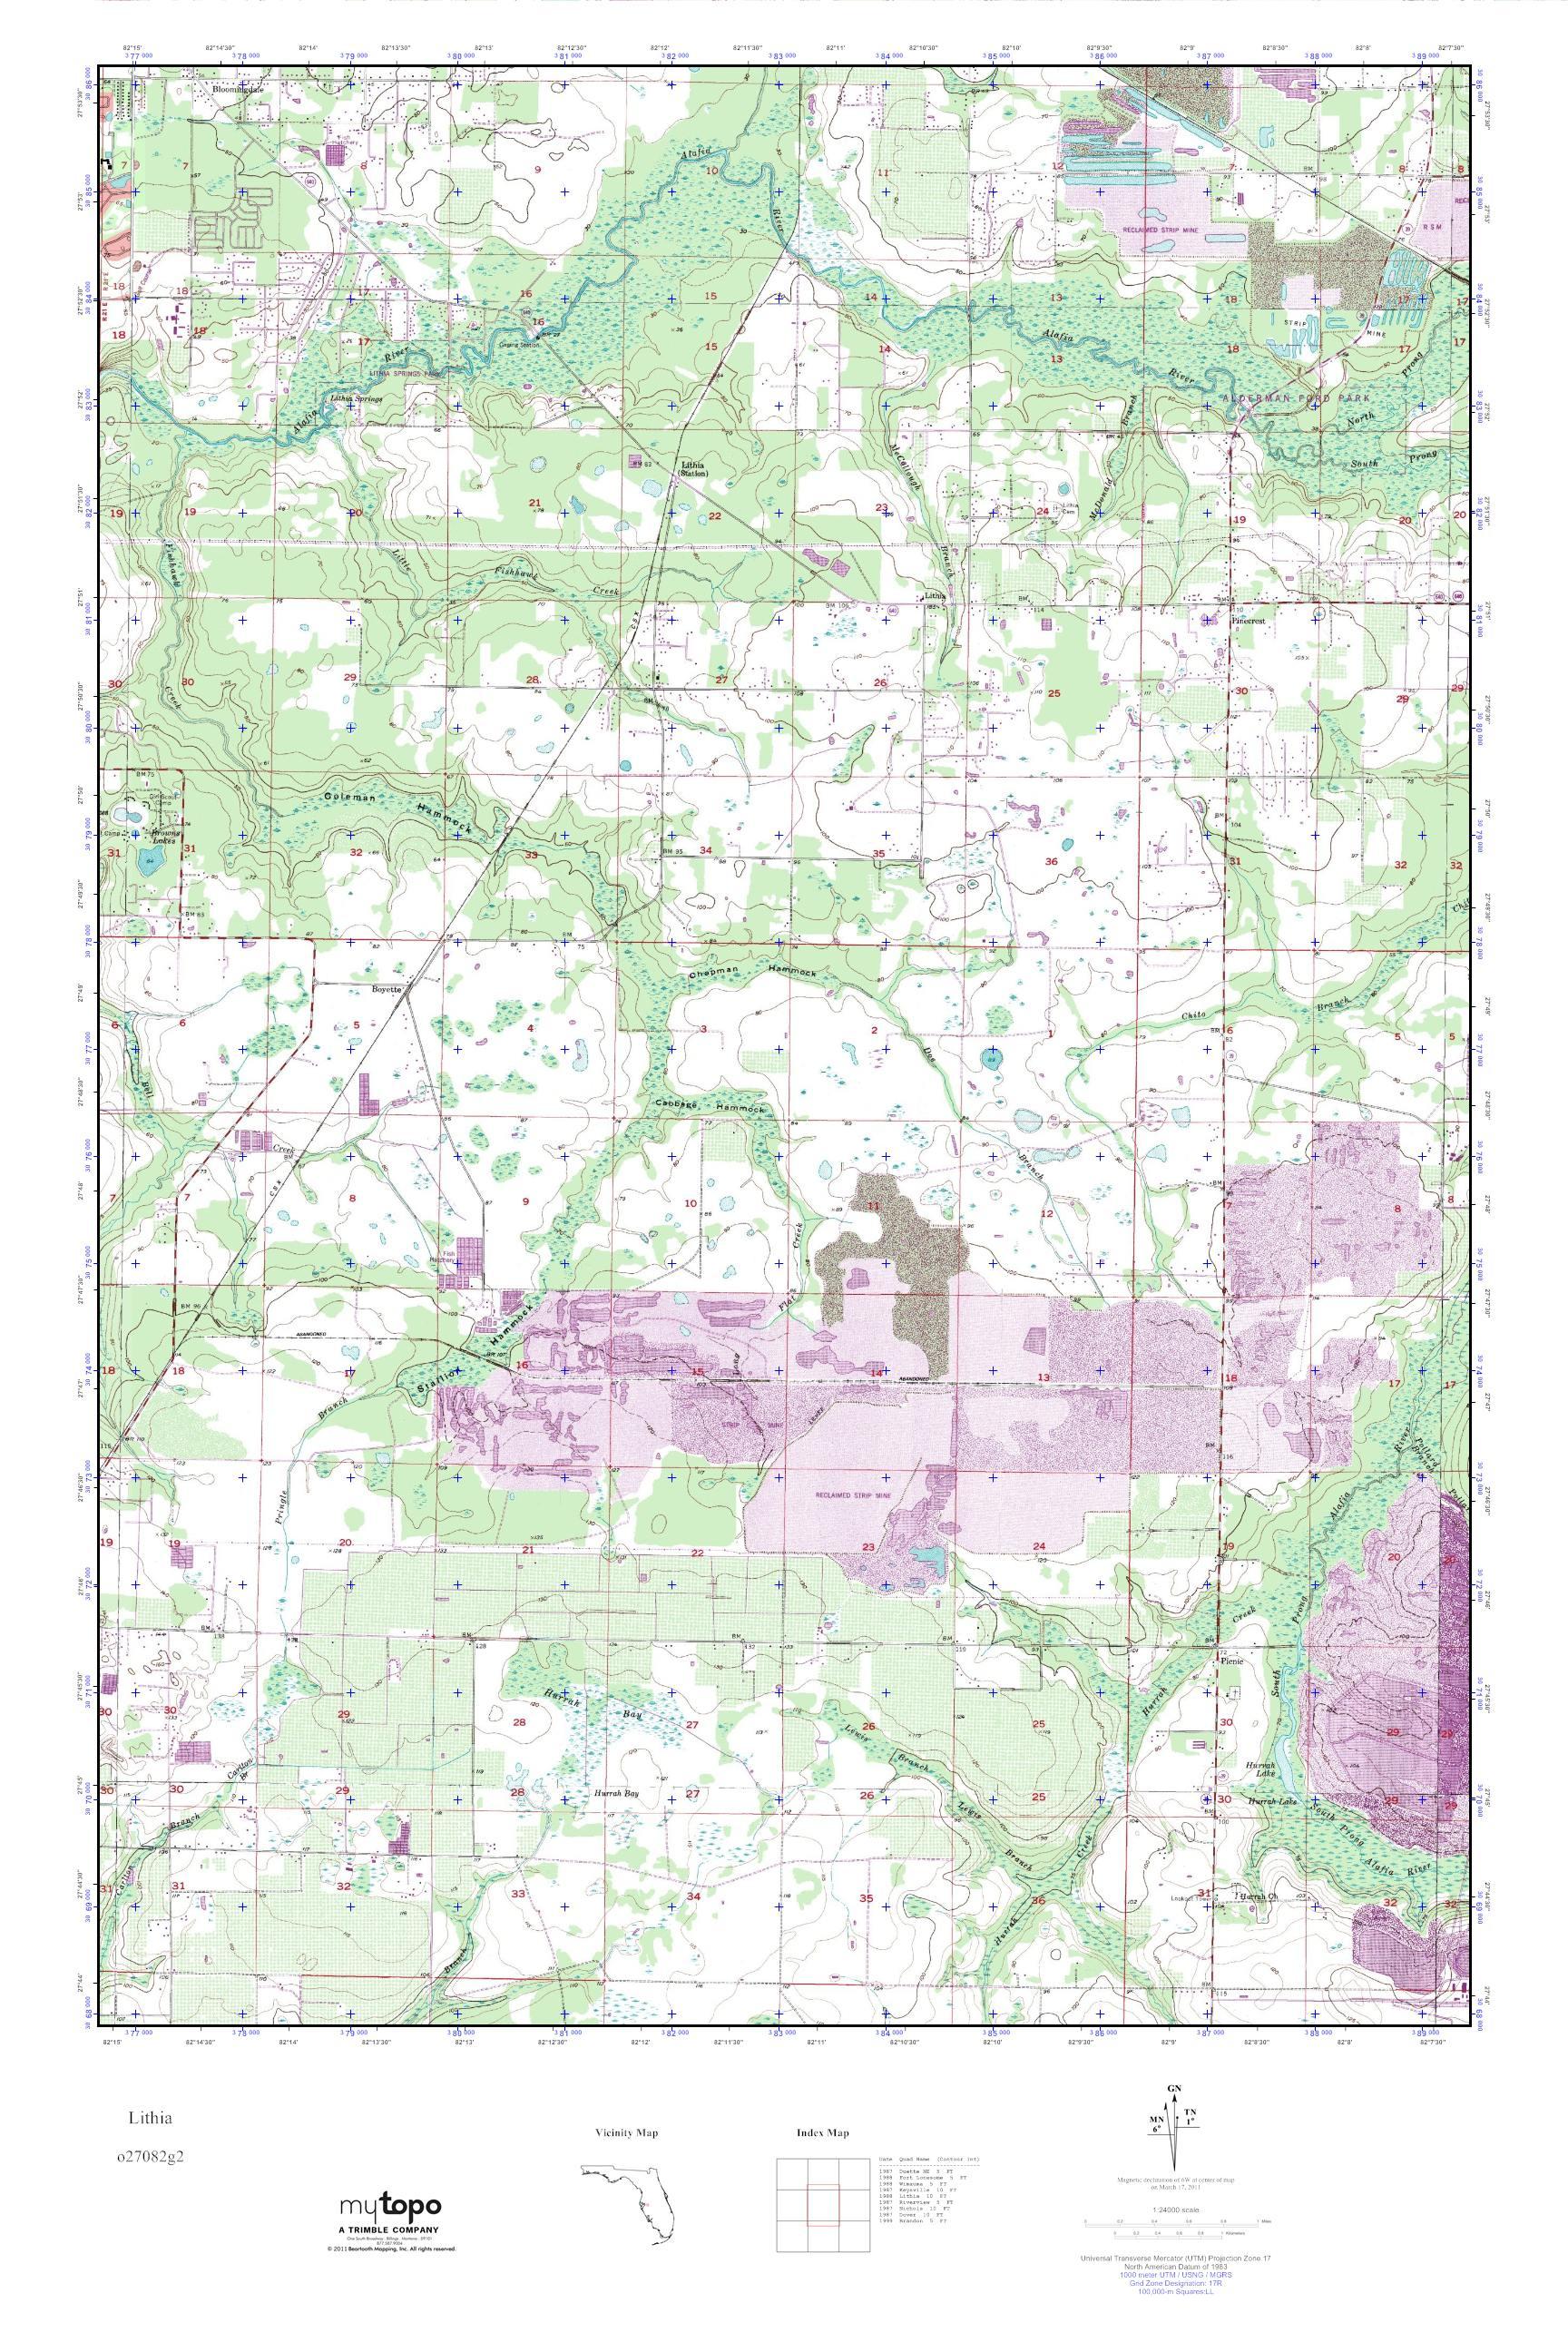 Lithia Florida Map - Lithia Florida Map